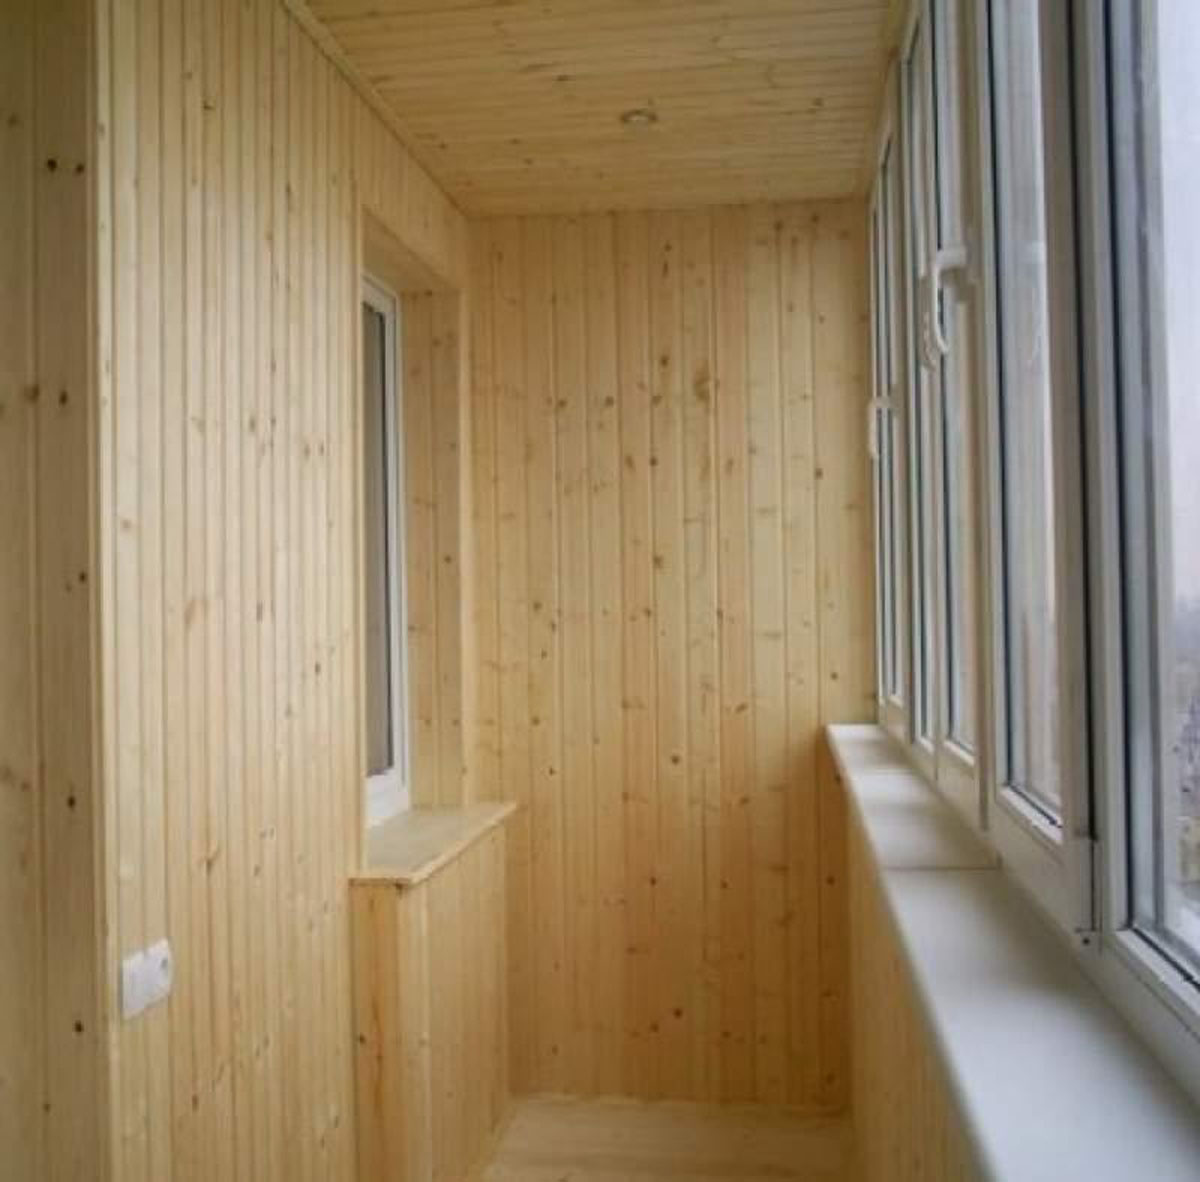 Как отделать балкон самому красиво: видео-инструкция по монт.